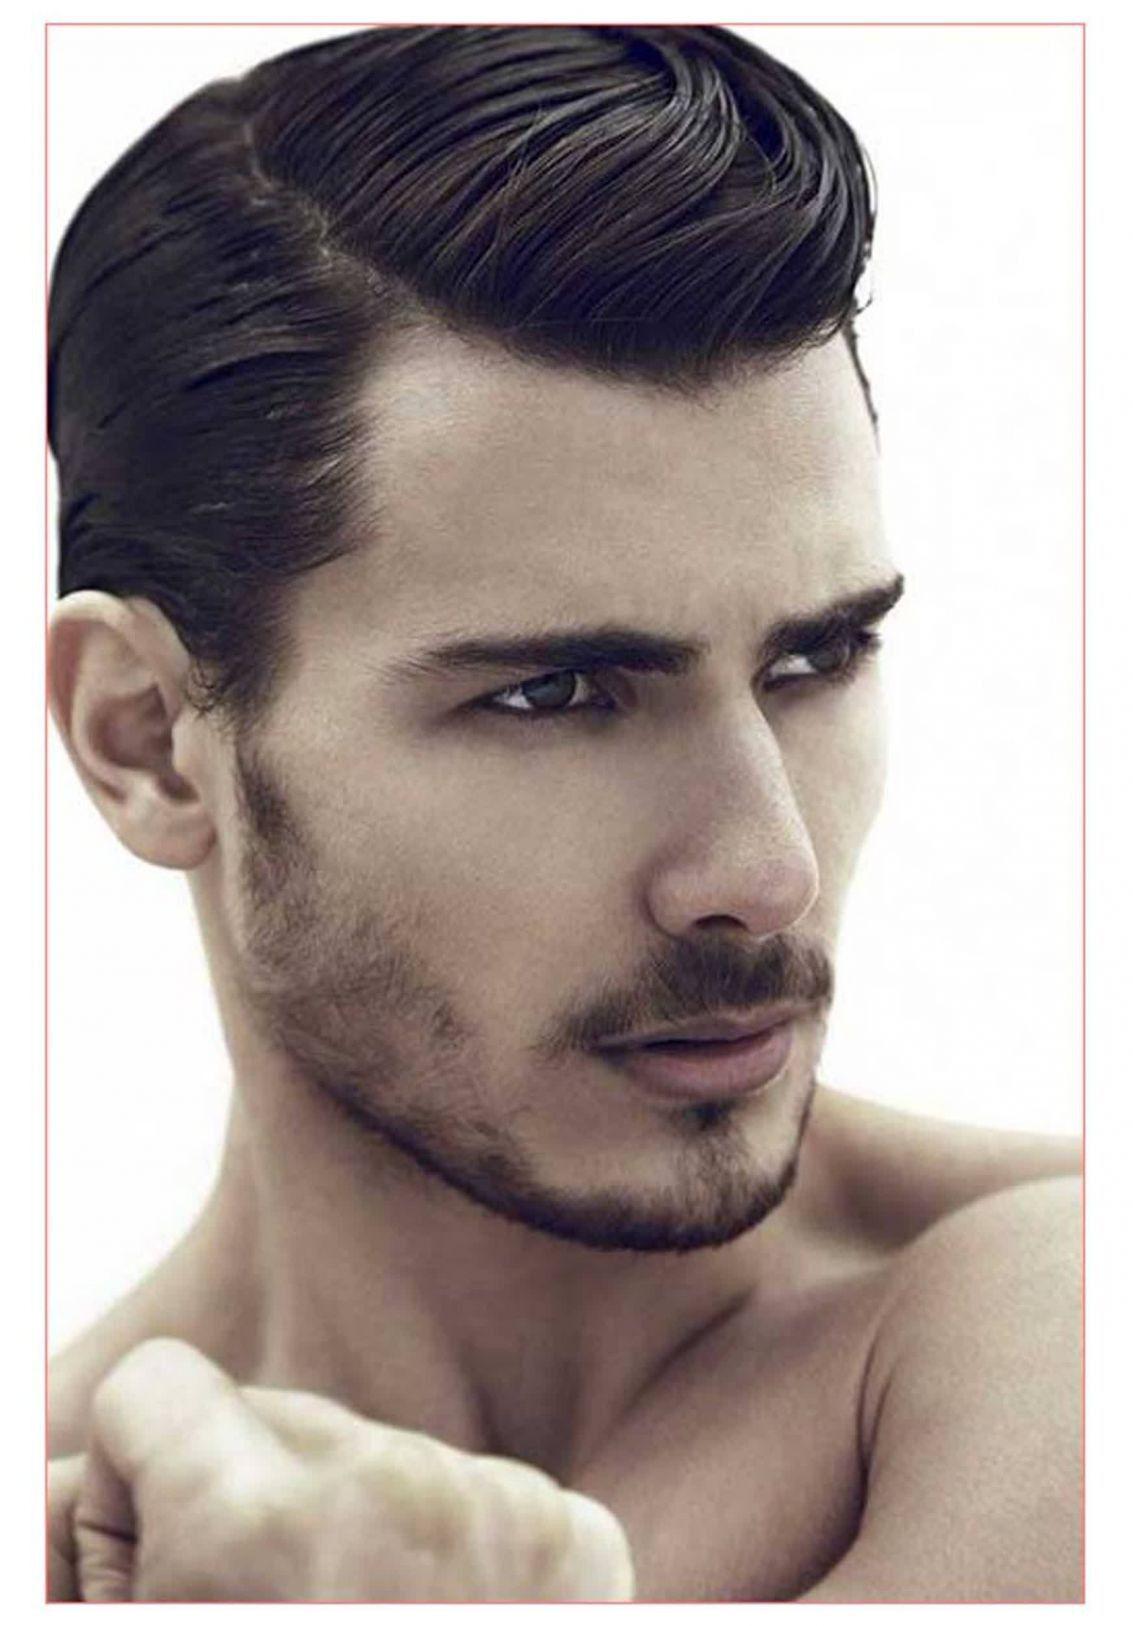 Frisuren Für Hohe Stirn Mann  12  Frisur dicke haare, Frisuren